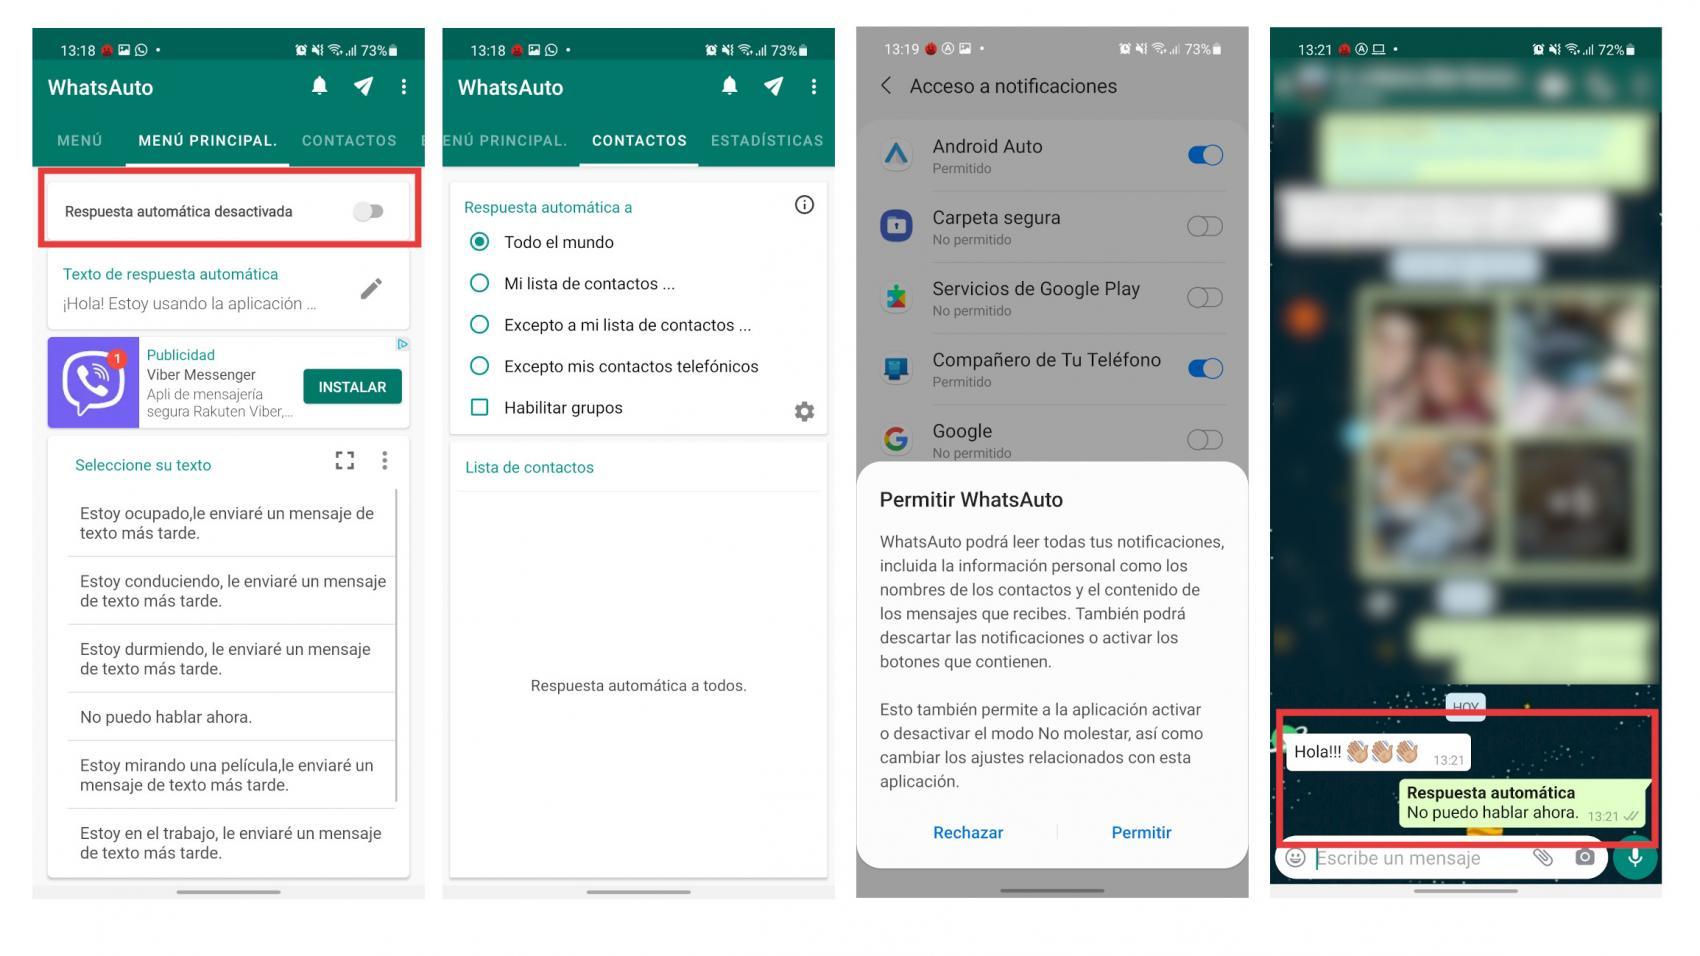 WhatsApp respuesta automática